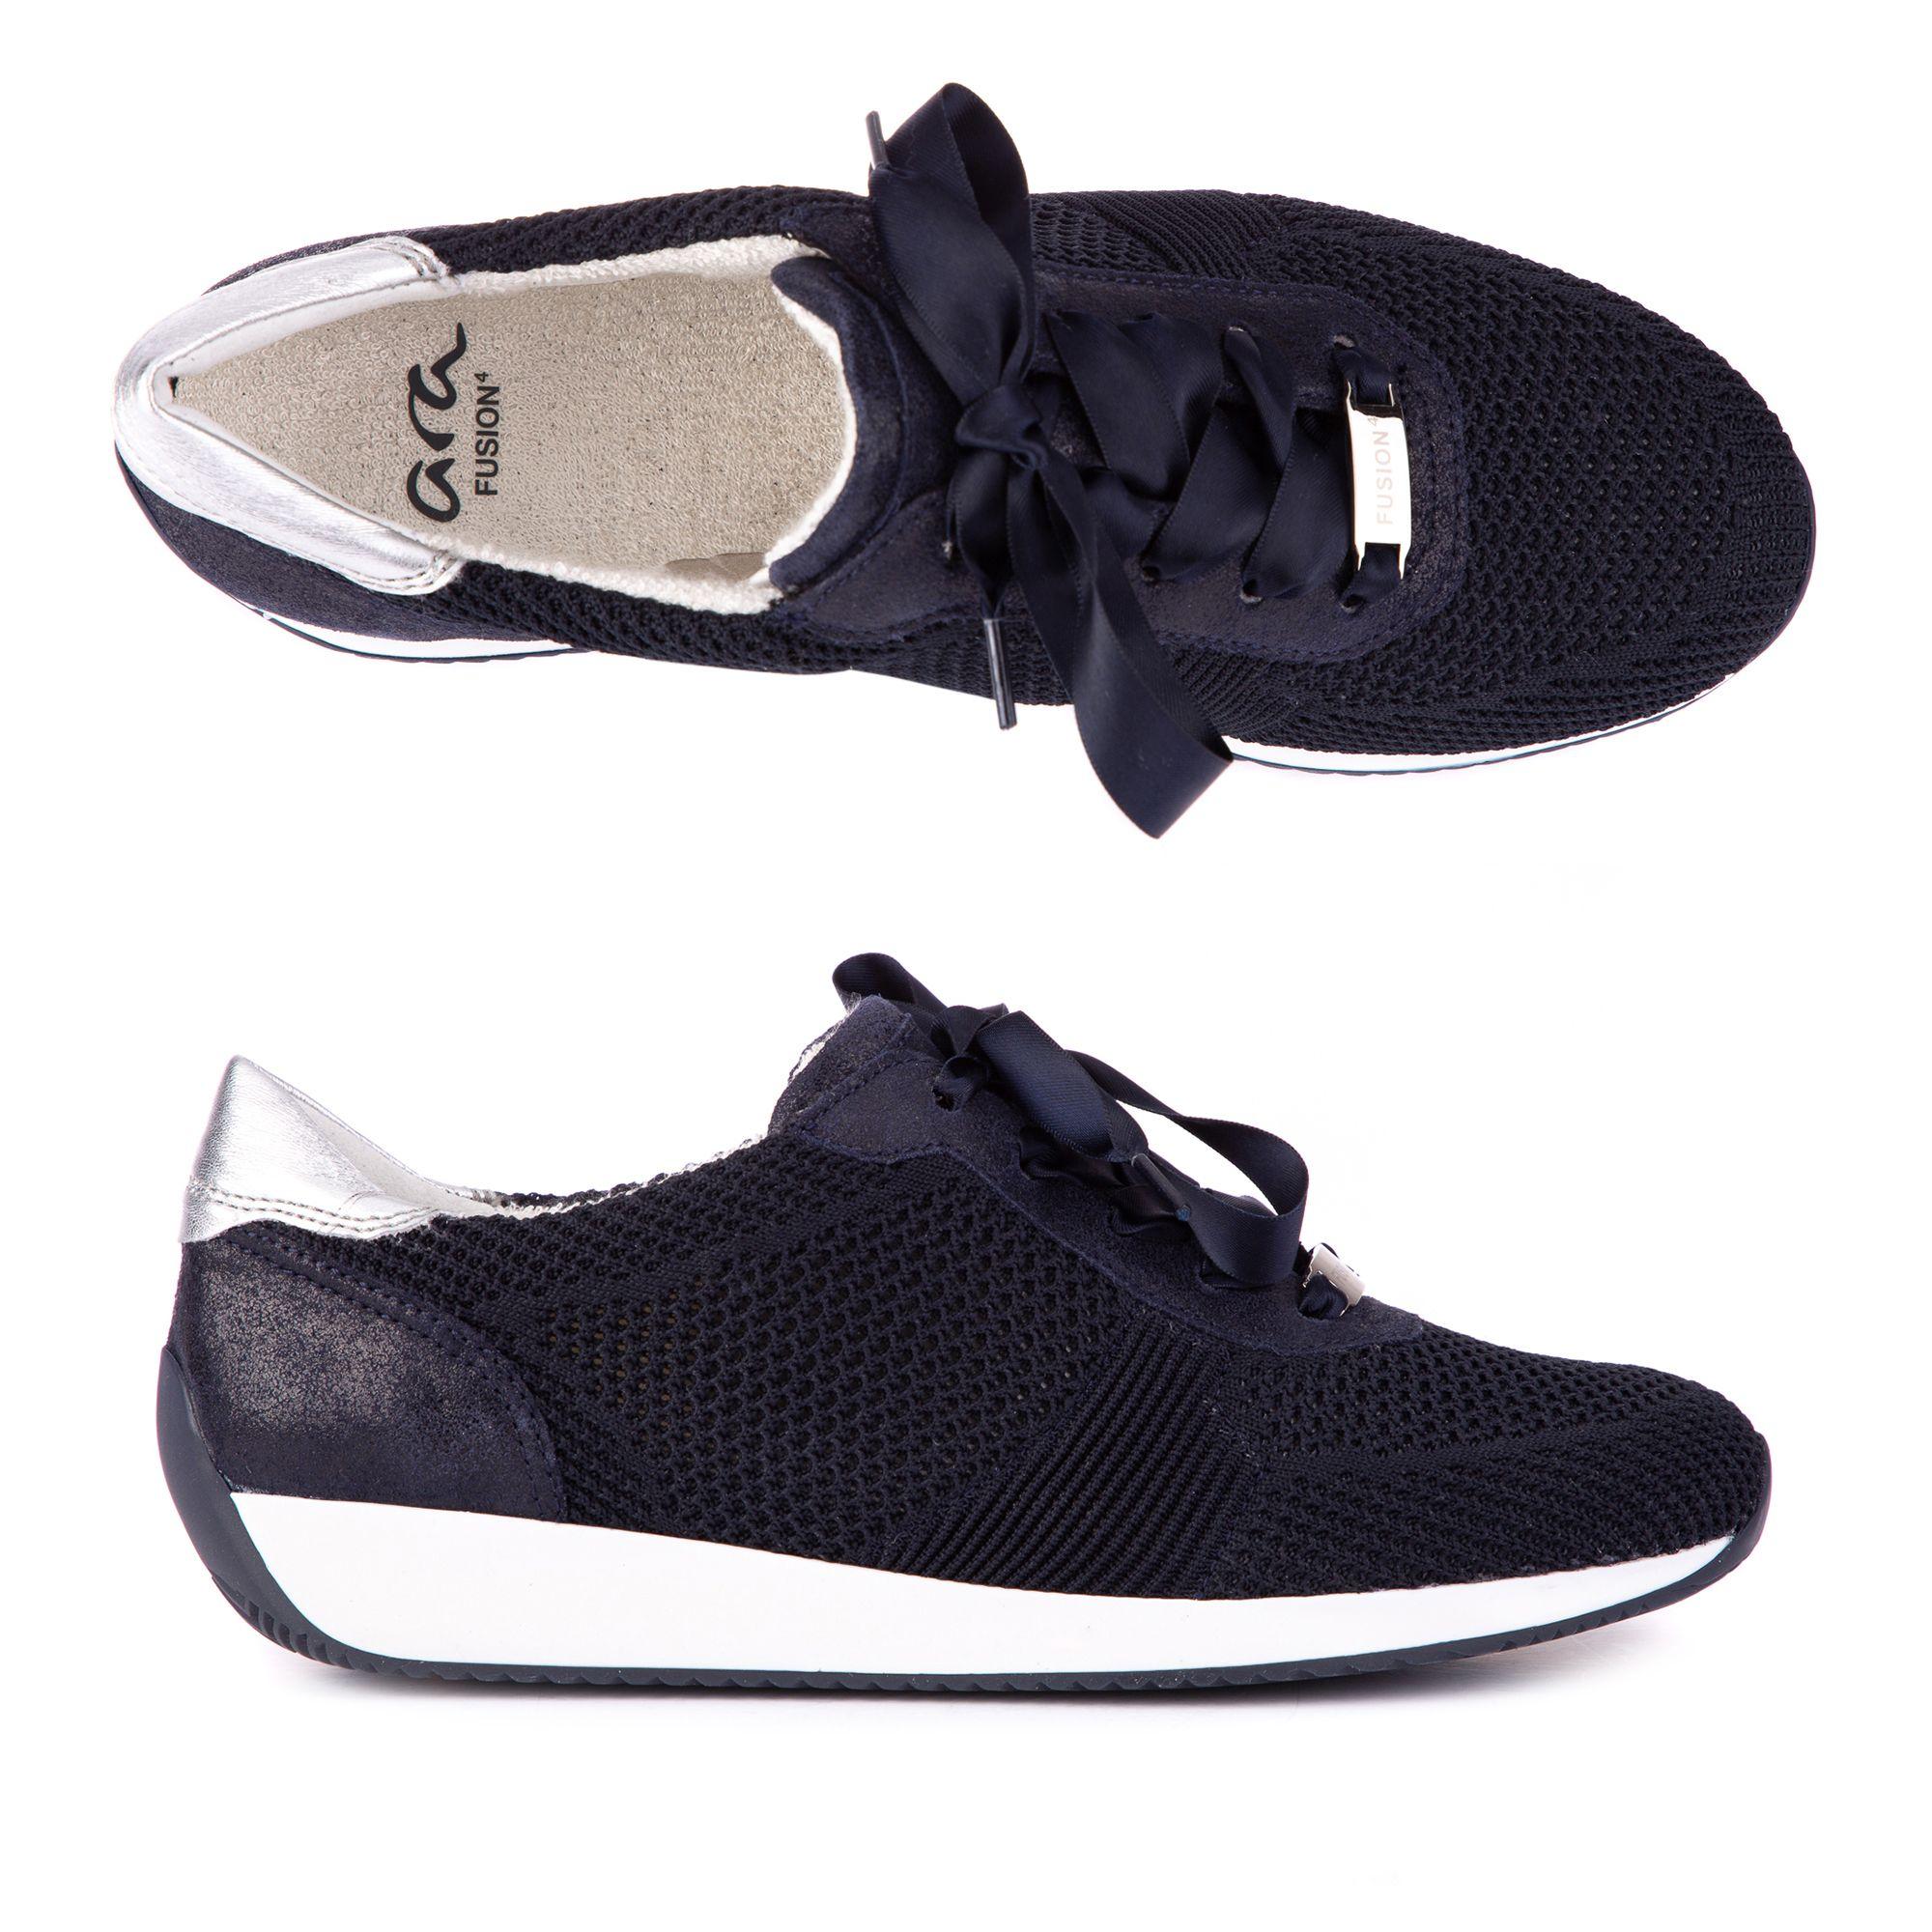 edc8e08a05b3 ARA Damen-Sneaker Lissabon Fusion 4 Austauschfußbett — QVC.de